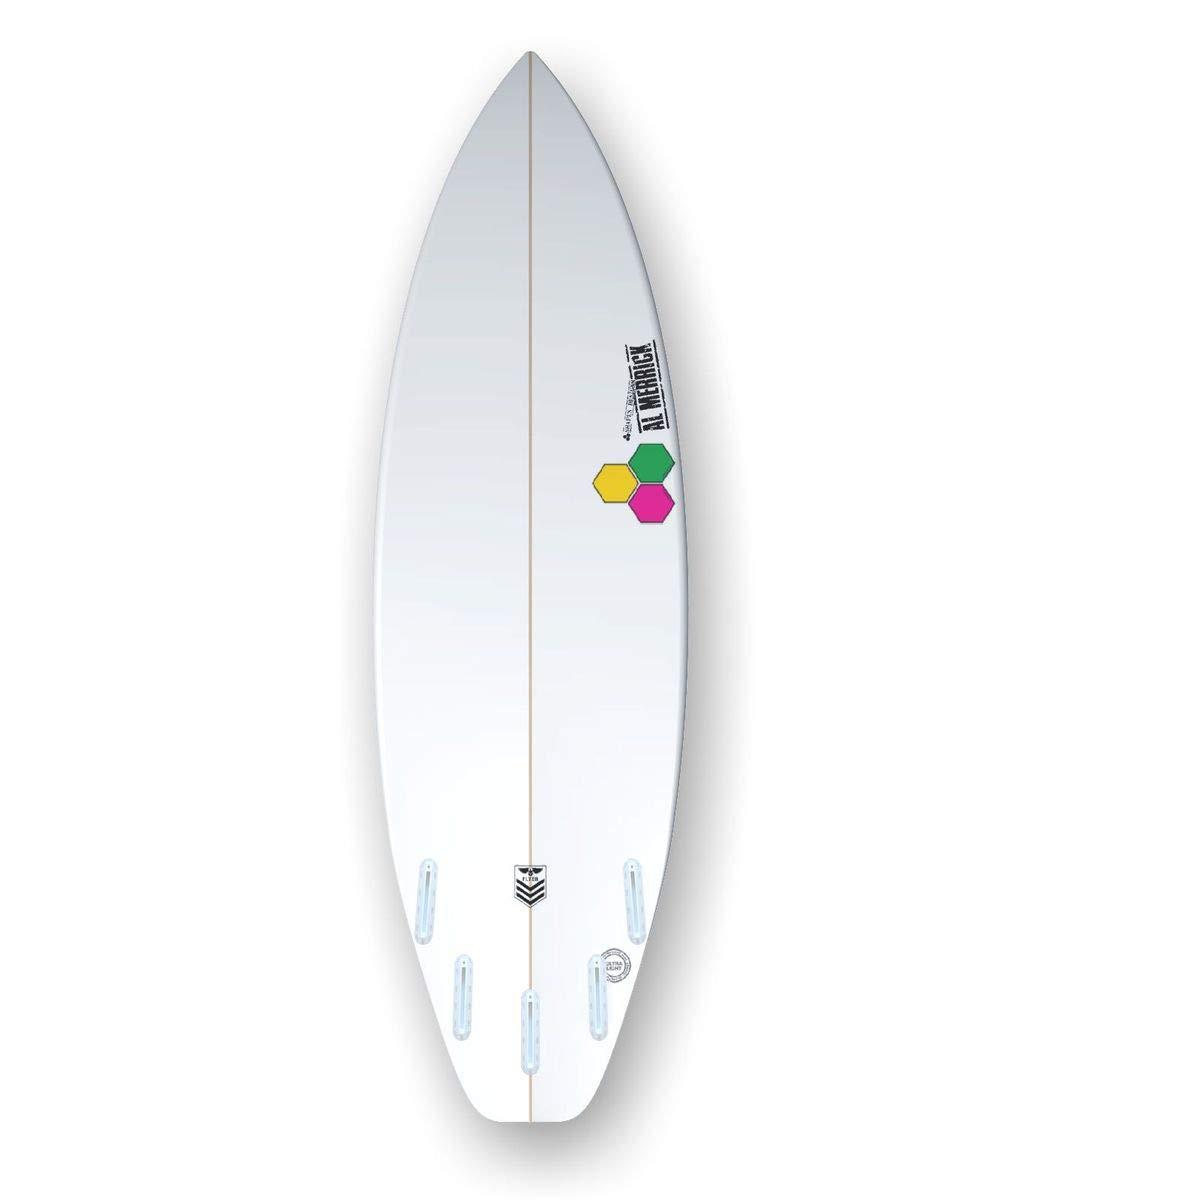 Tabla de Surf Channel Islands al Merrick New Flyer 5.10 Futures Thruster: Amazon.es: Deportes y aire libre